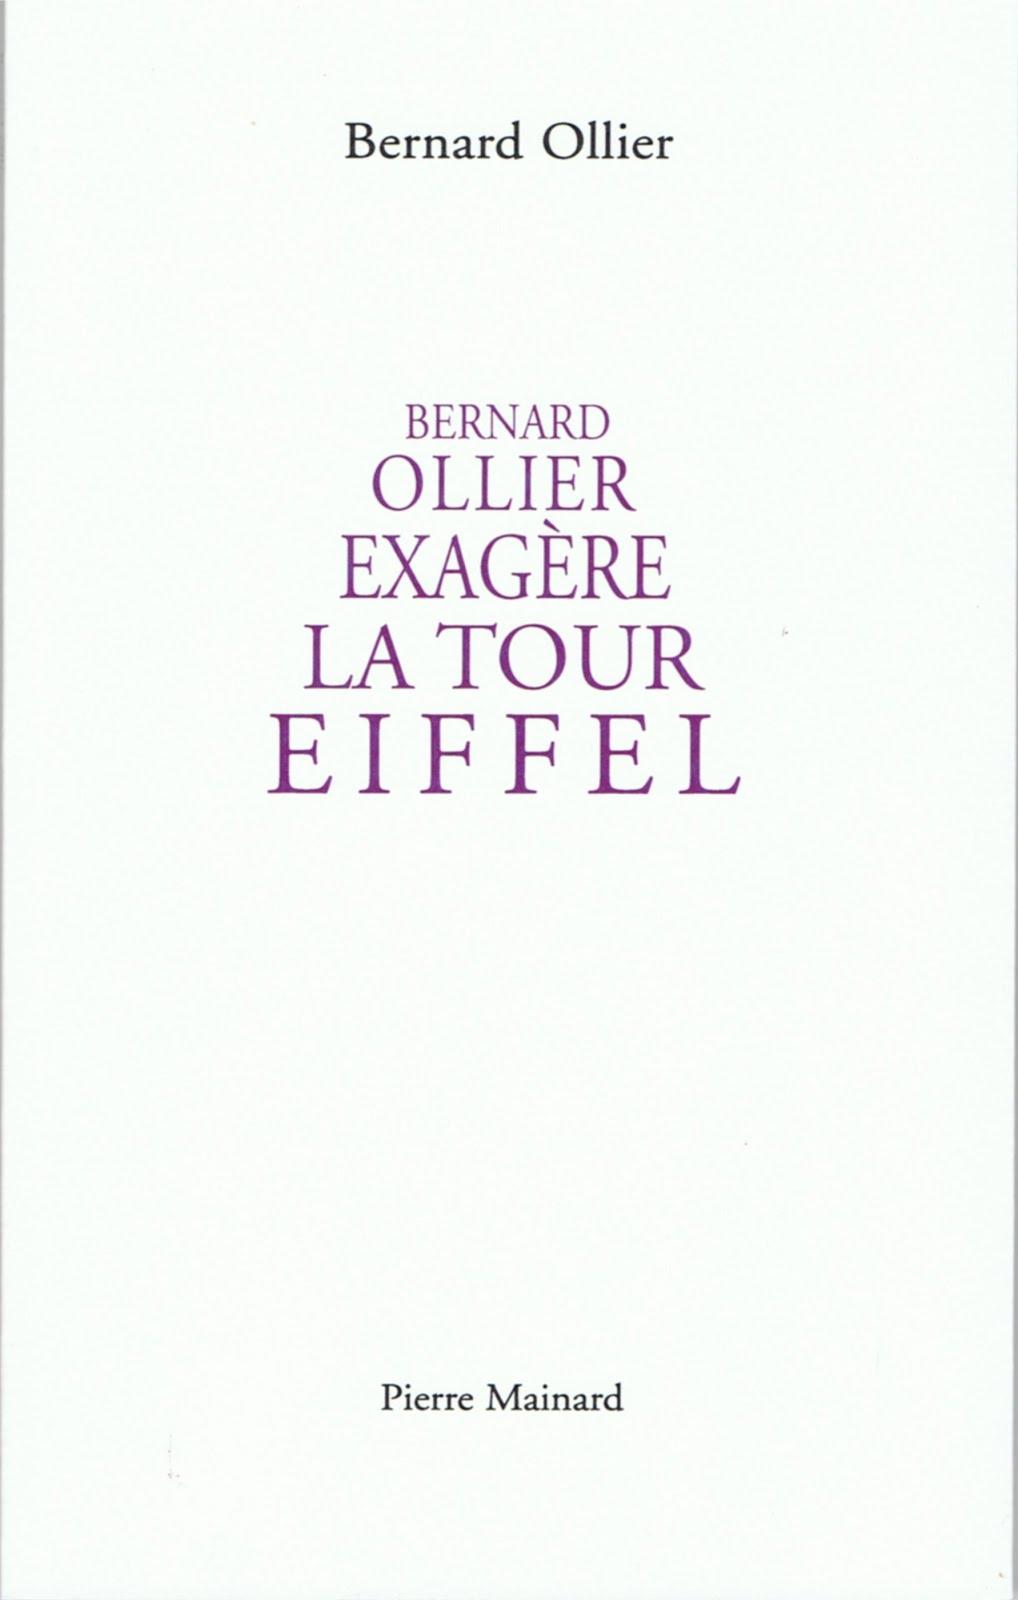 Bernard Ollier, BERNARD OLLIER EXAGÈRE LA TOUR EIFFEL, Pierre Mainard éditeur, 2018